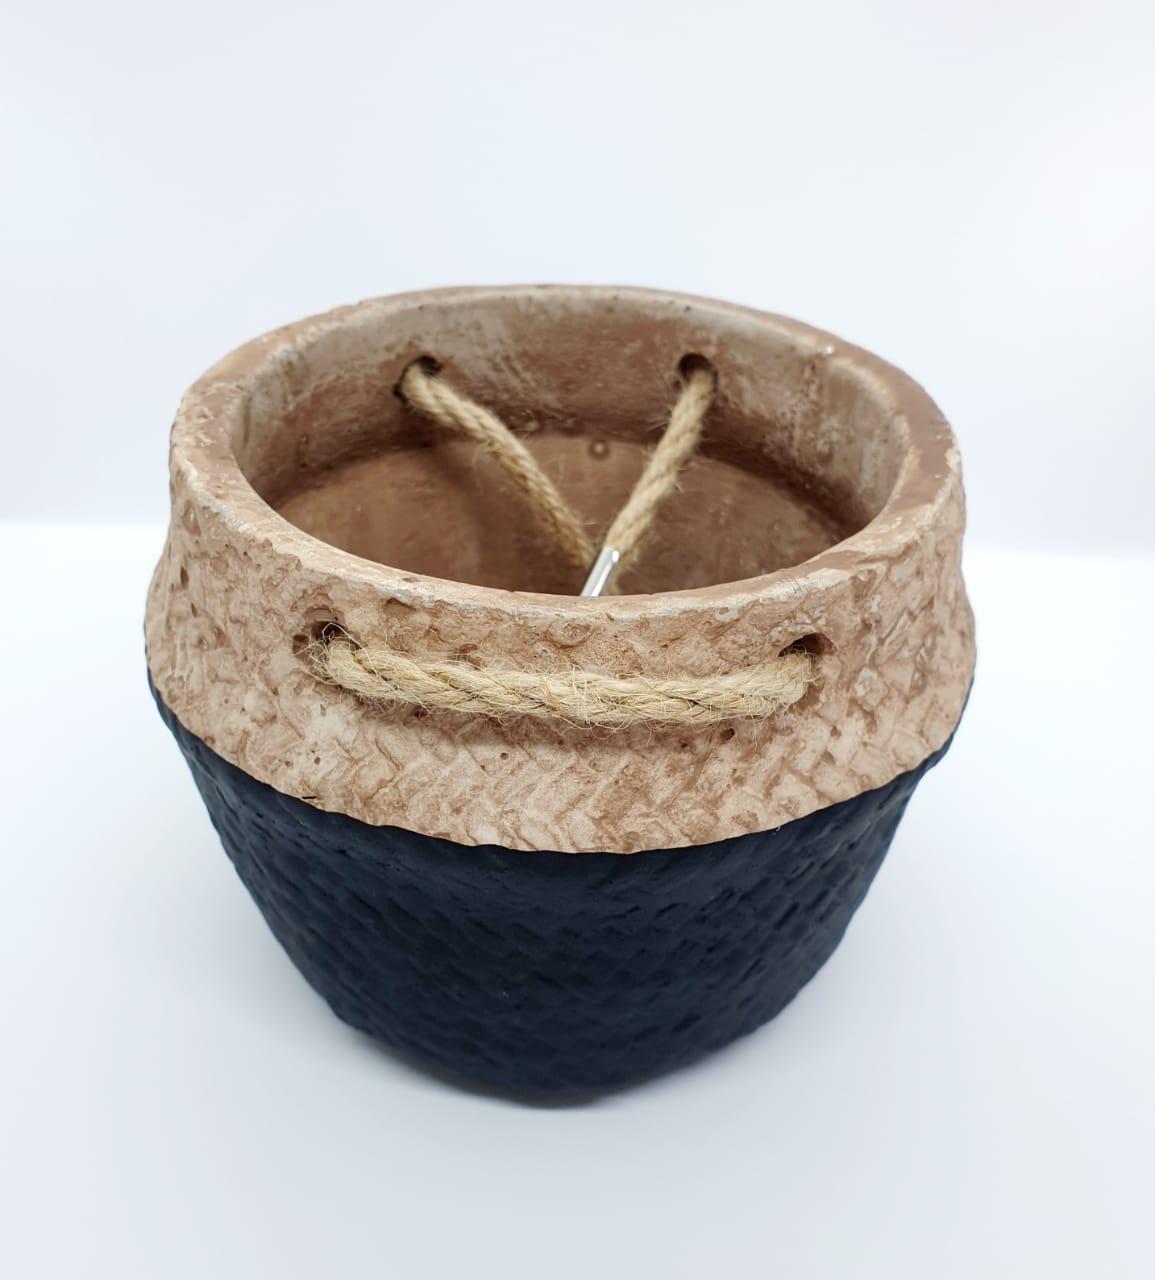 Kit - Vasos decorativos de cimento c/ alças de corda - 2 peças